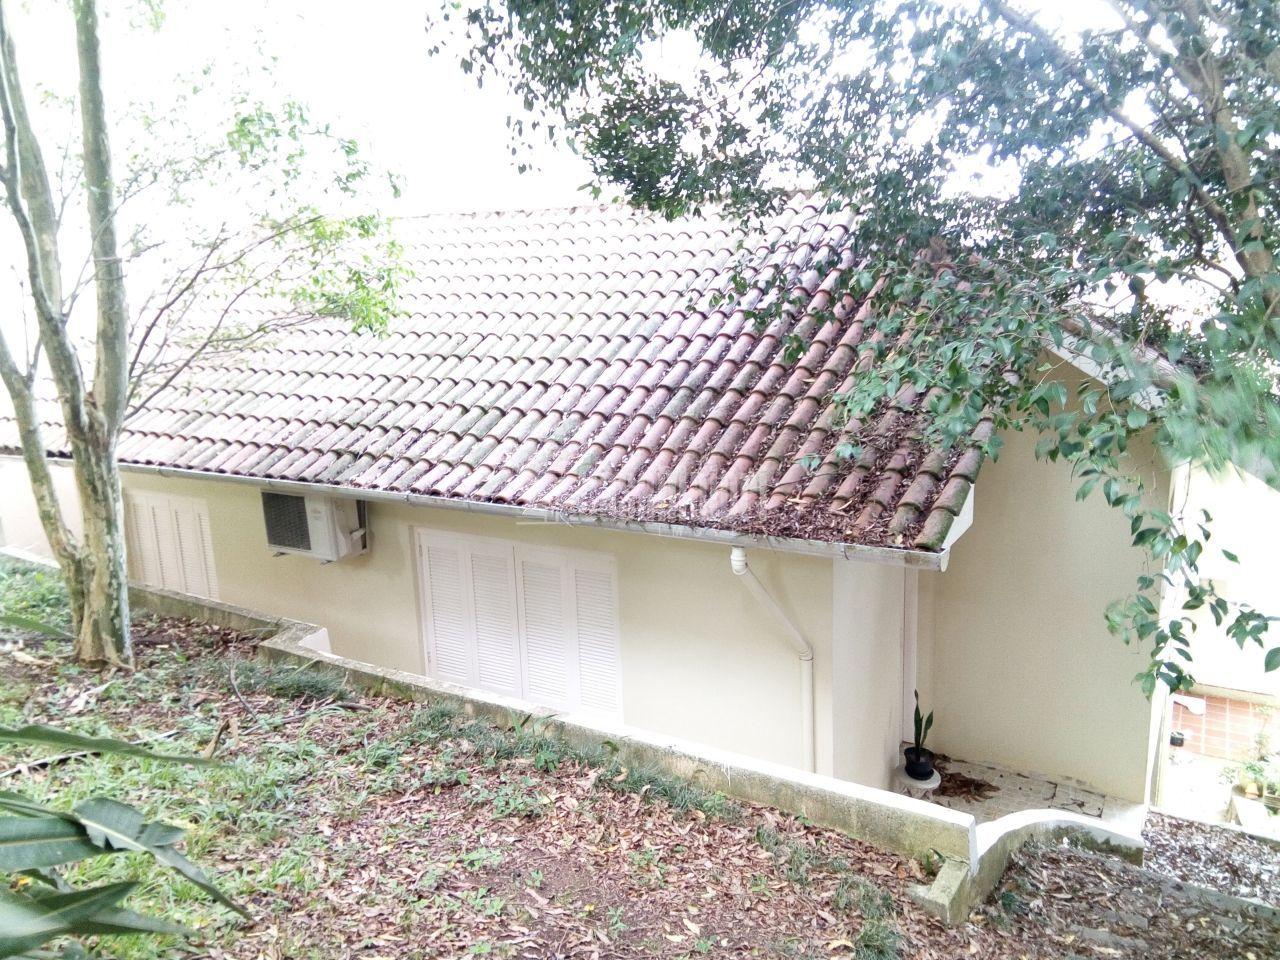 Terreno/Lote à venda, 798 m² por R$ 5.319.000,00